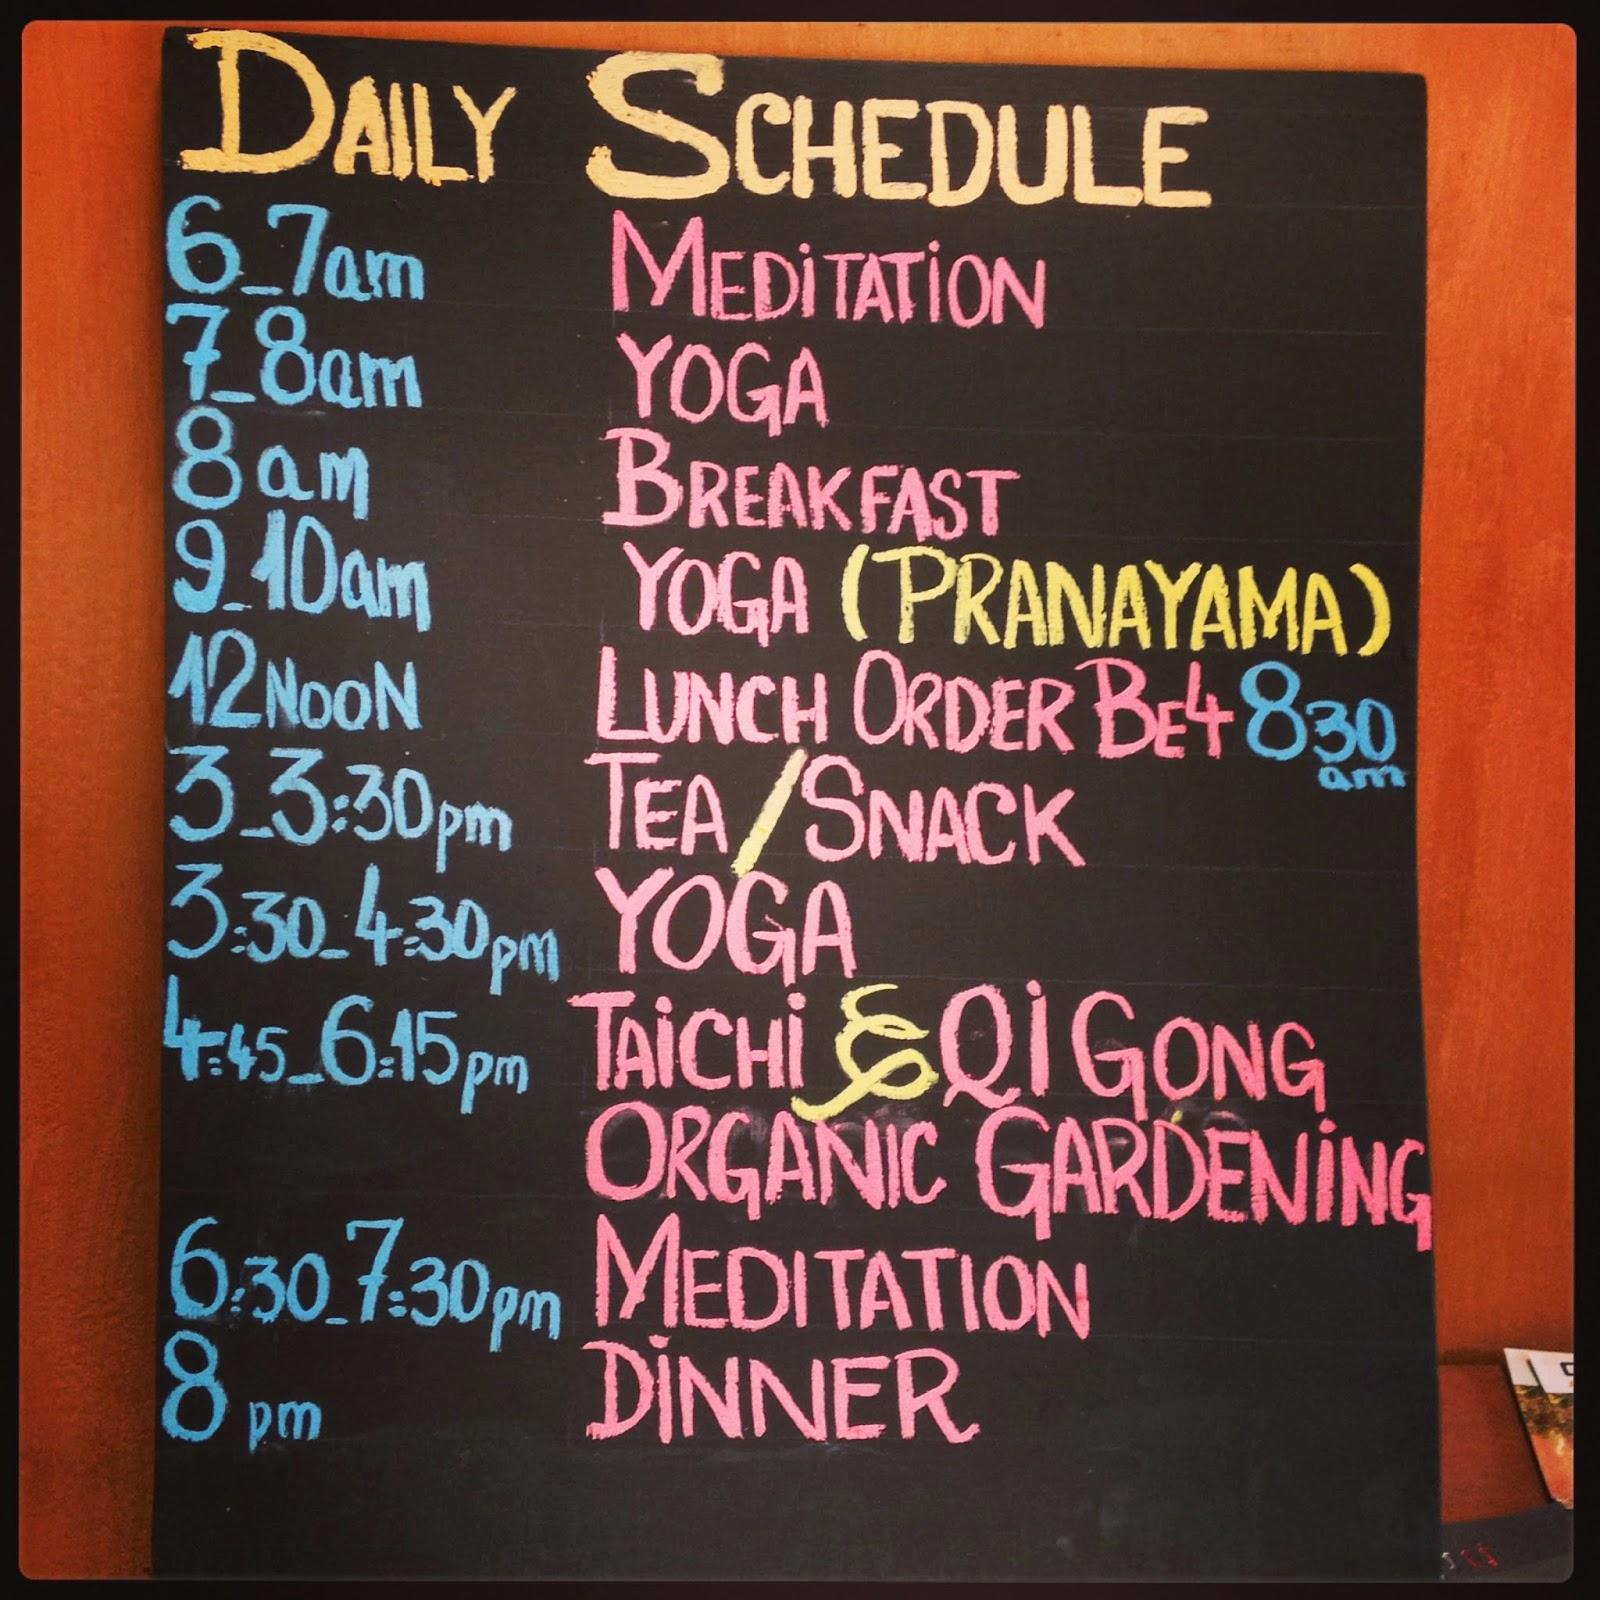 Yoga Schedule Siem Reap Cambodia